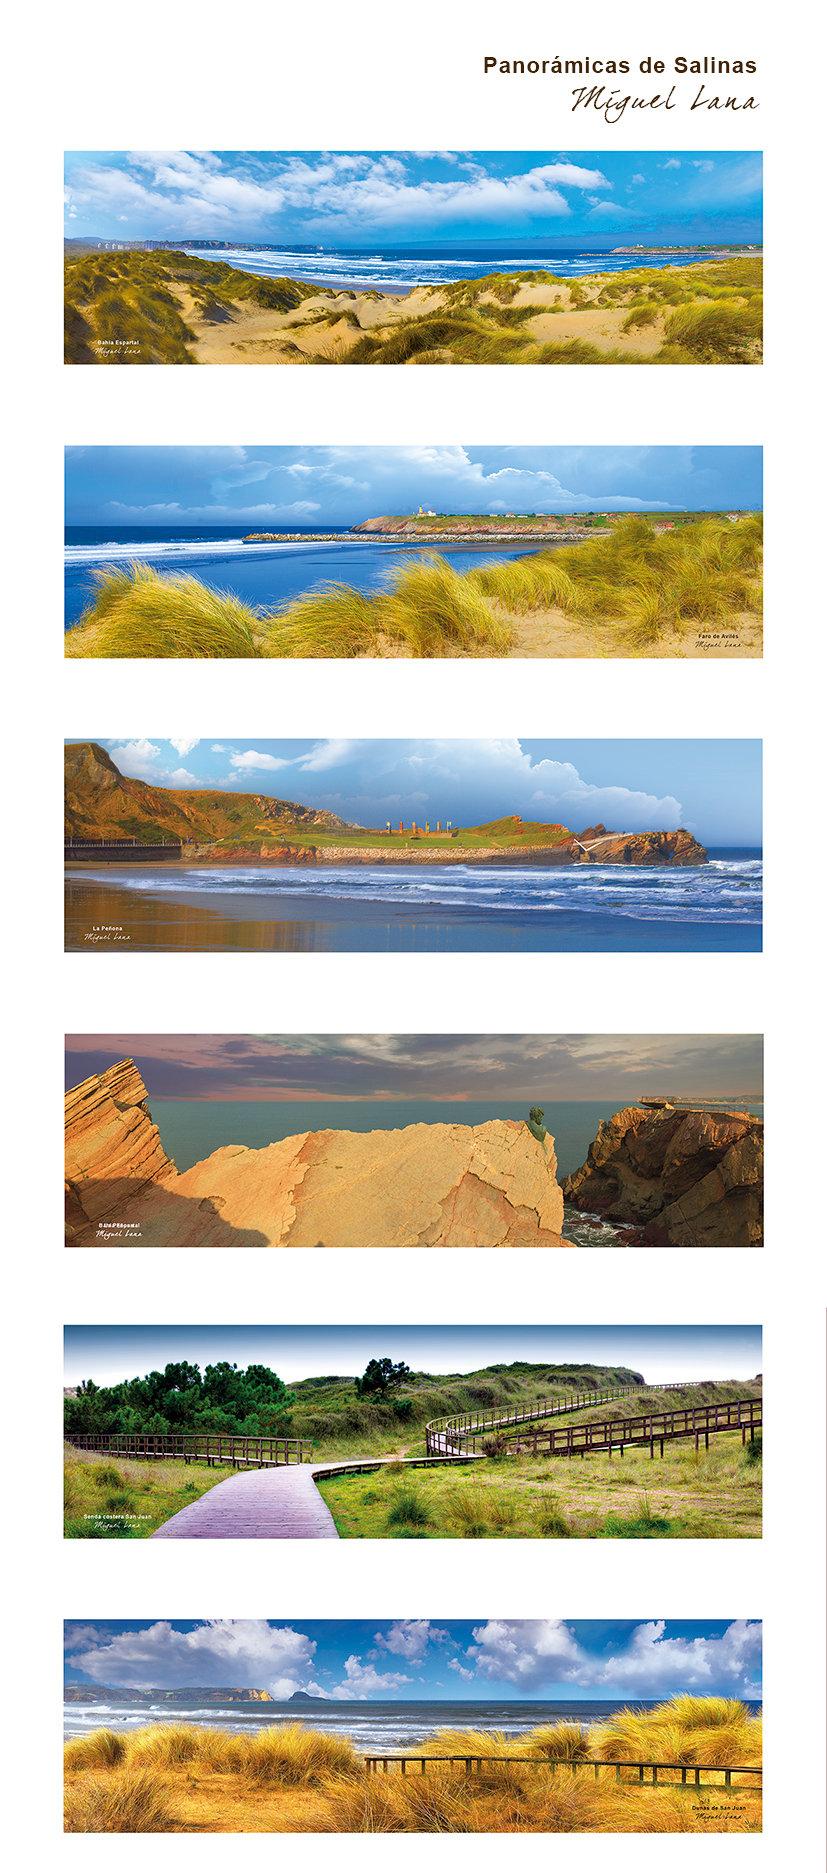 Panoramicas Salinas.jpg